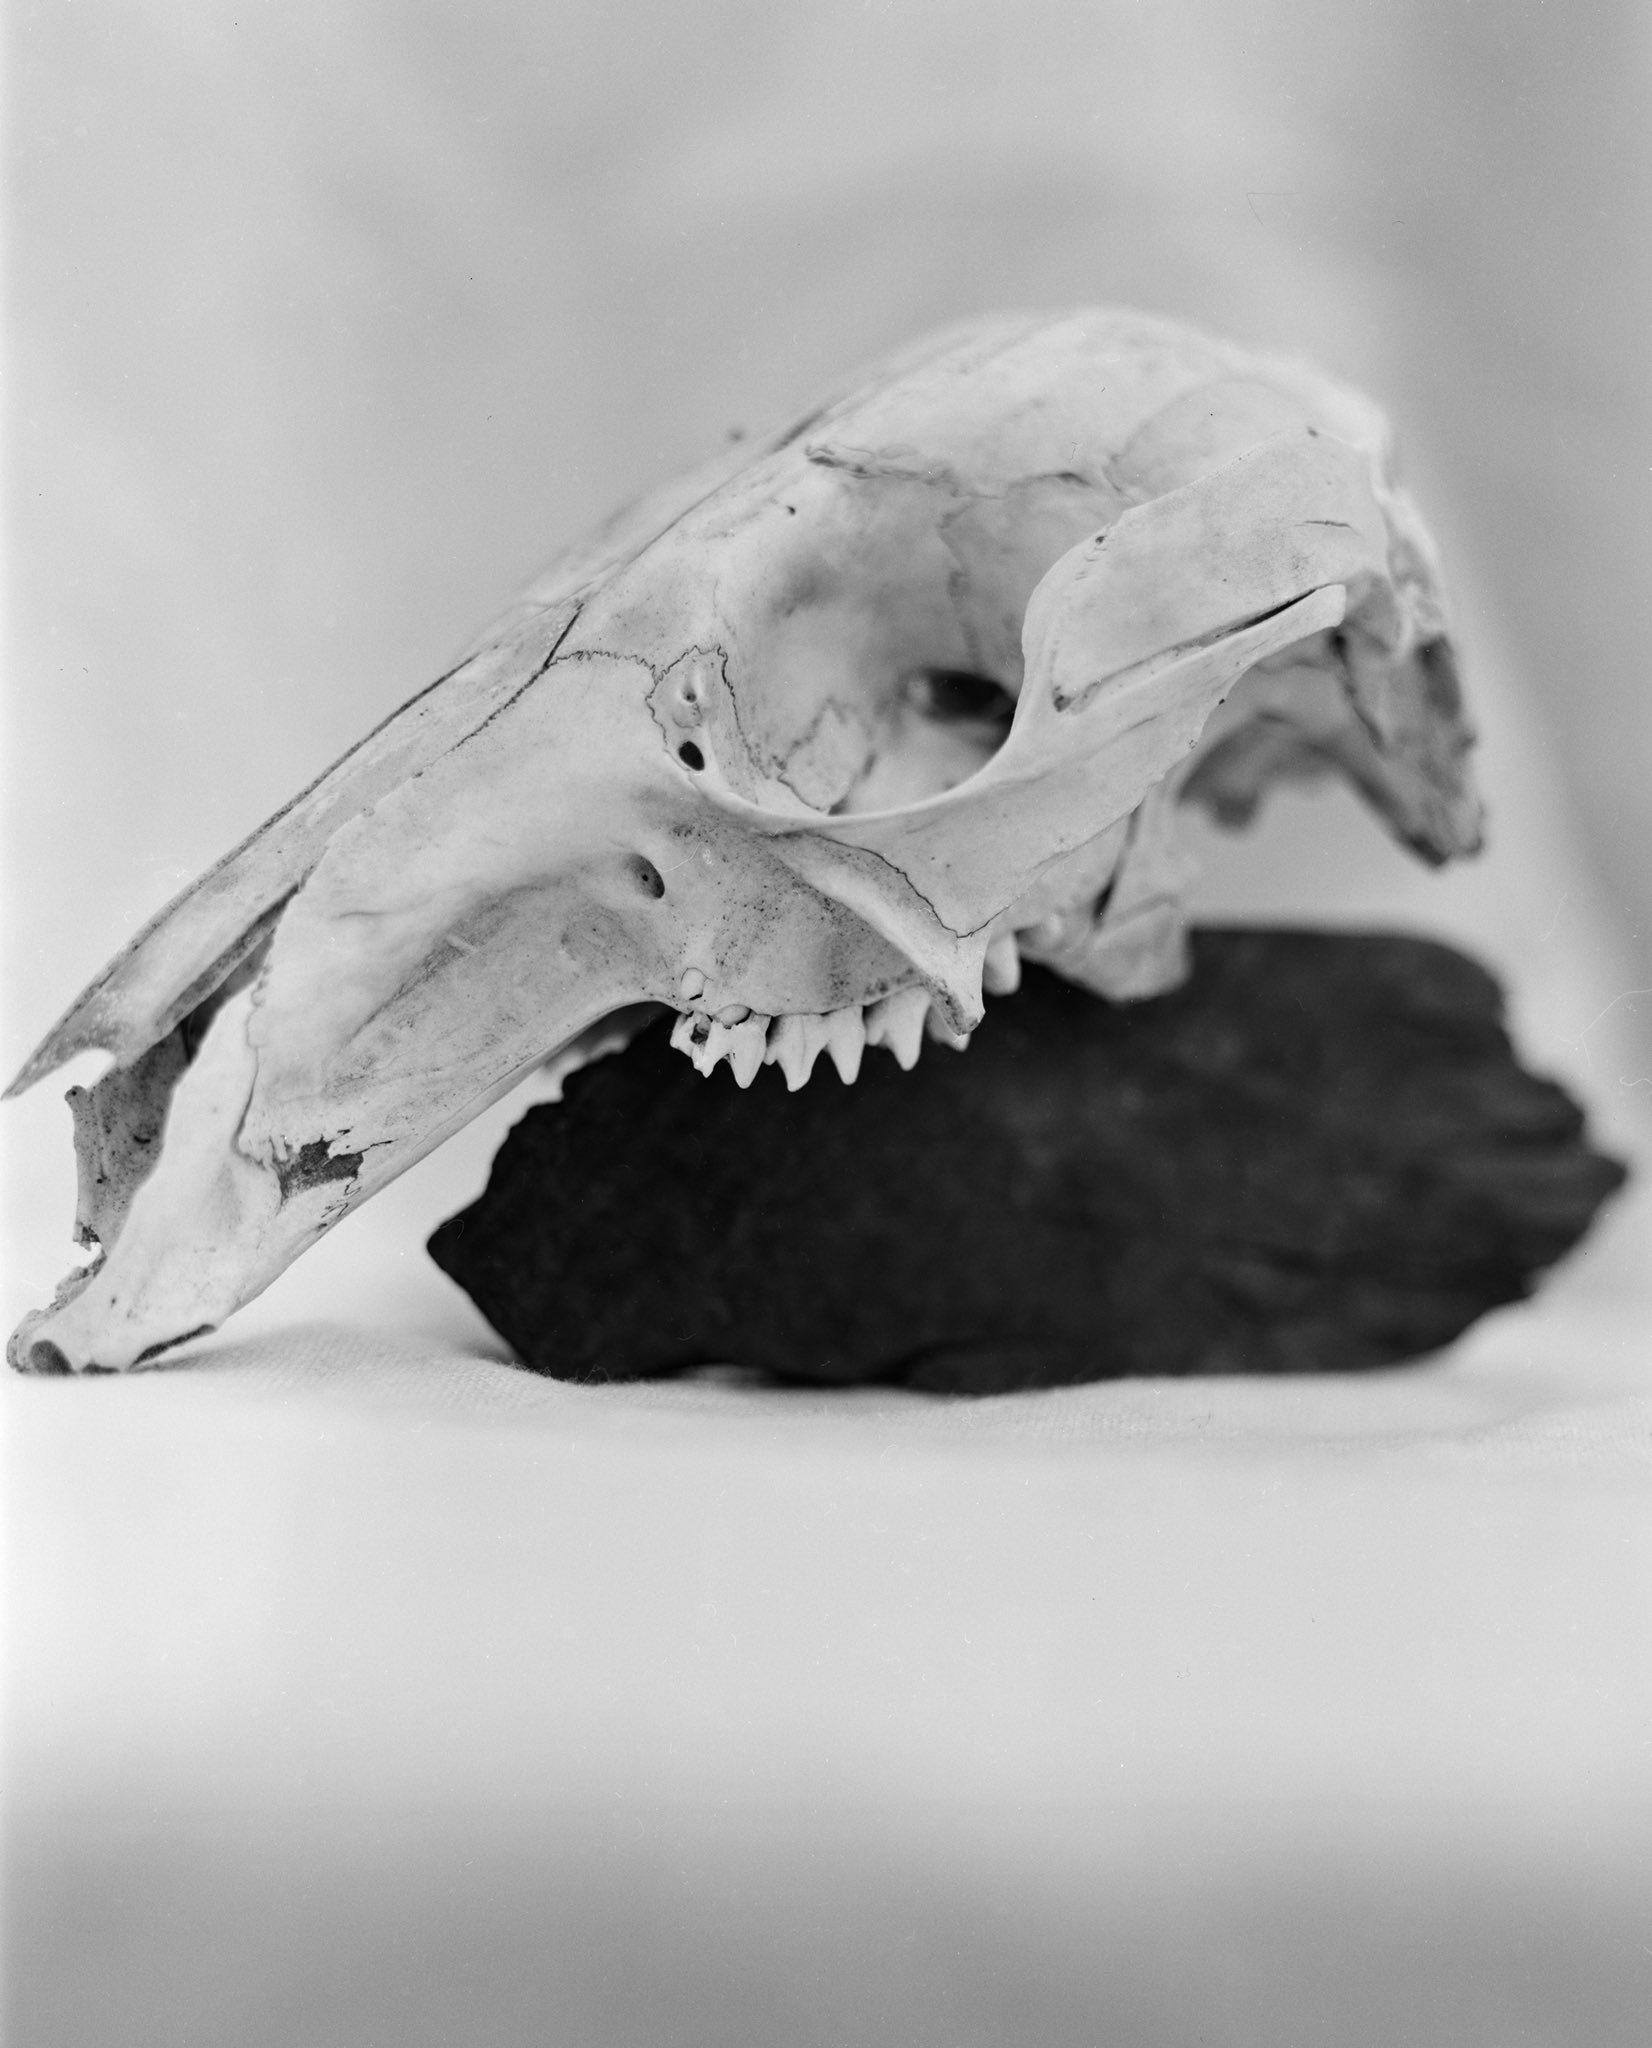 @TheTwelfthFrame Replying to @ILFORDPhoto Kangaroo skull and wood - Ilford HP5+ 4x5 sheet film - Toyo - Nikon Nikkor-w 210mm #shallowdof #ilfordphoto #fridayfavourites